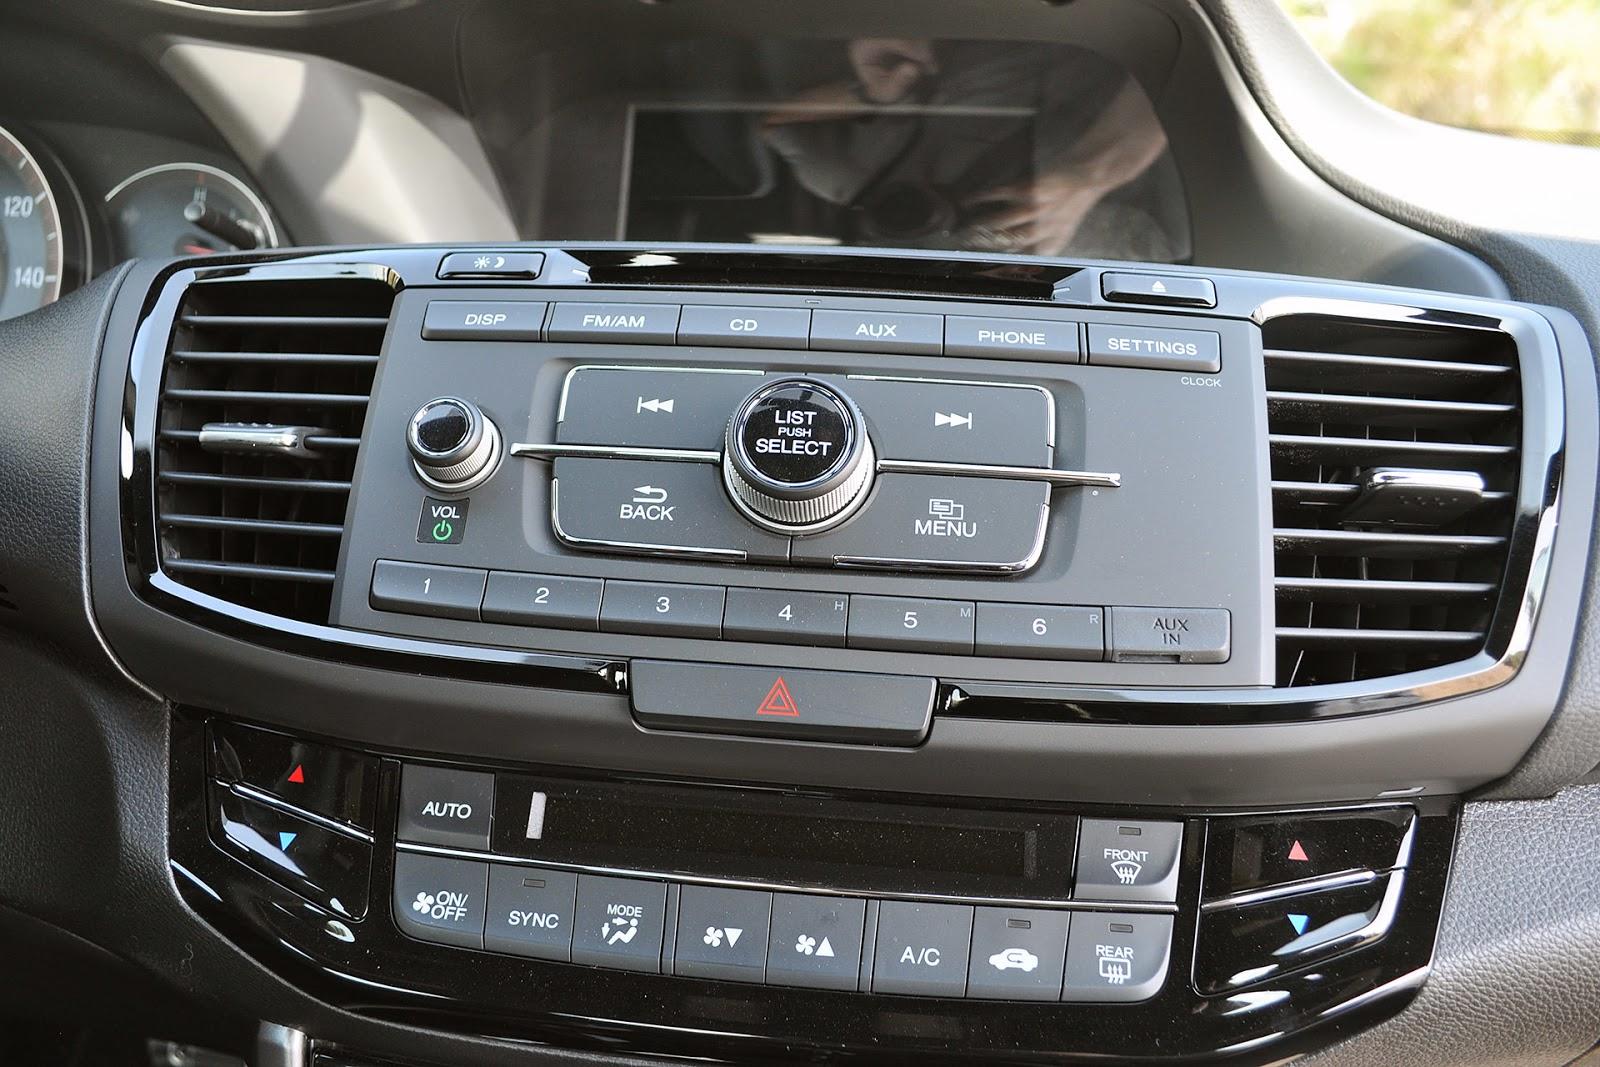 ...nhưng trước mắt là xe sẽ rất nhiều nút bấm và không có màn hình cảm ứng